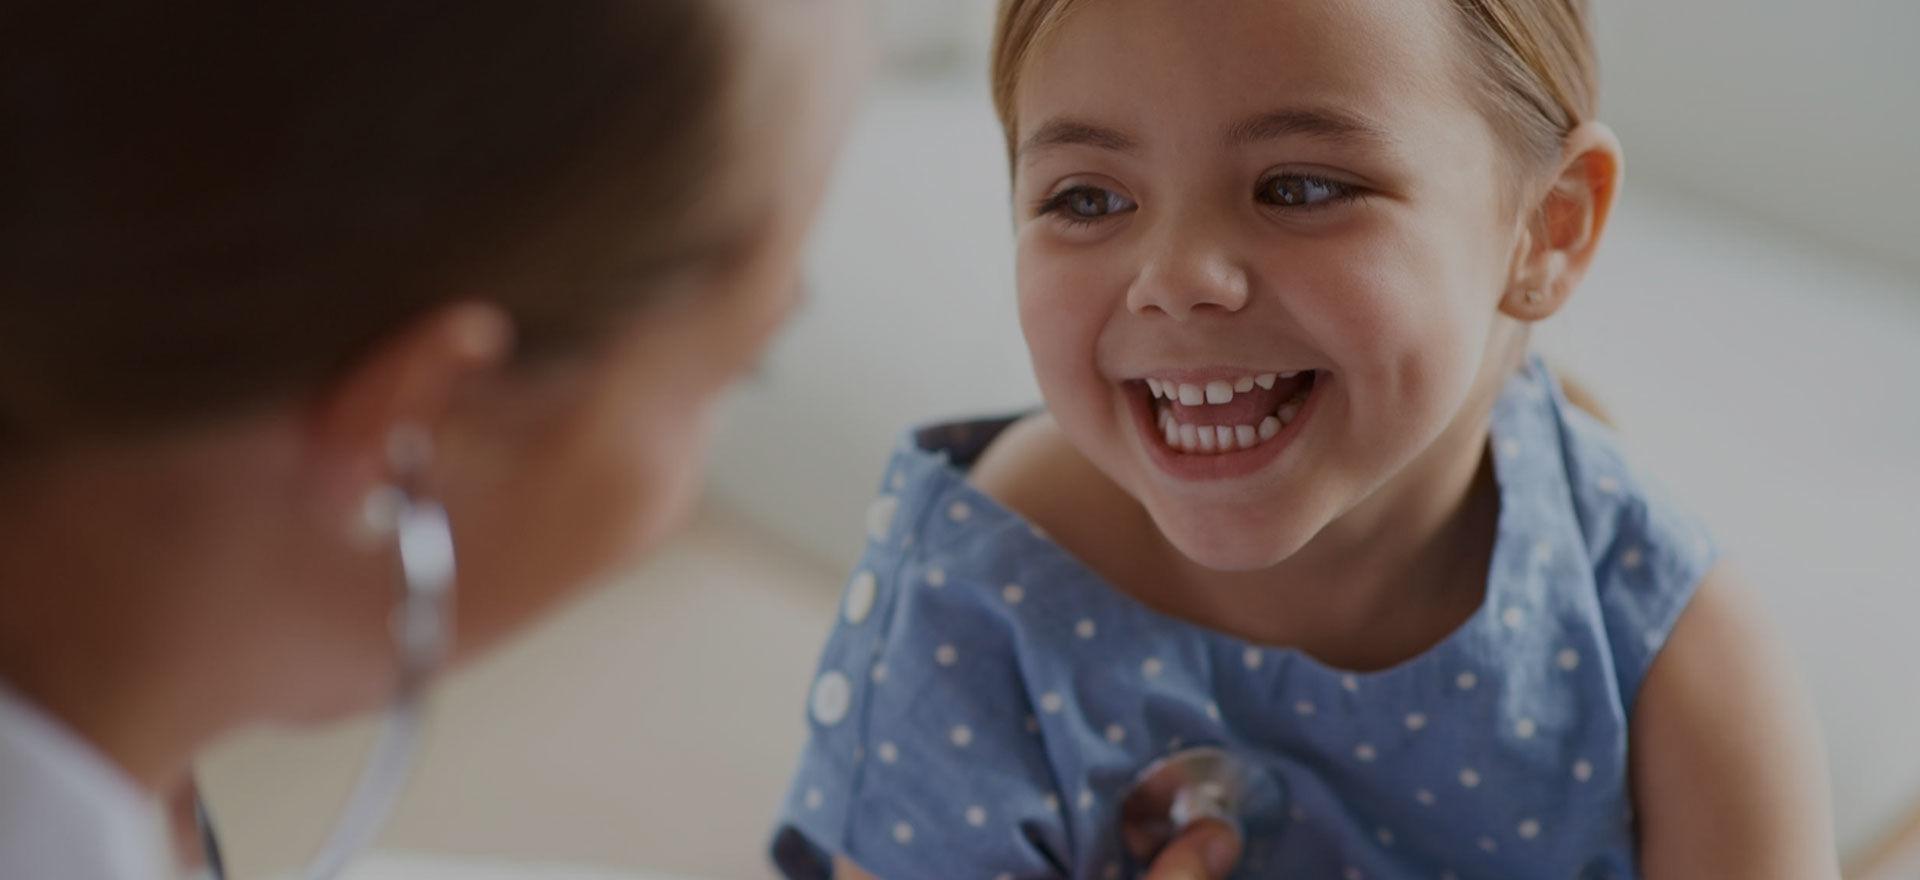 Neka se vaše dete više ne plaši lekara, već sa osmehom dođe na pregled.